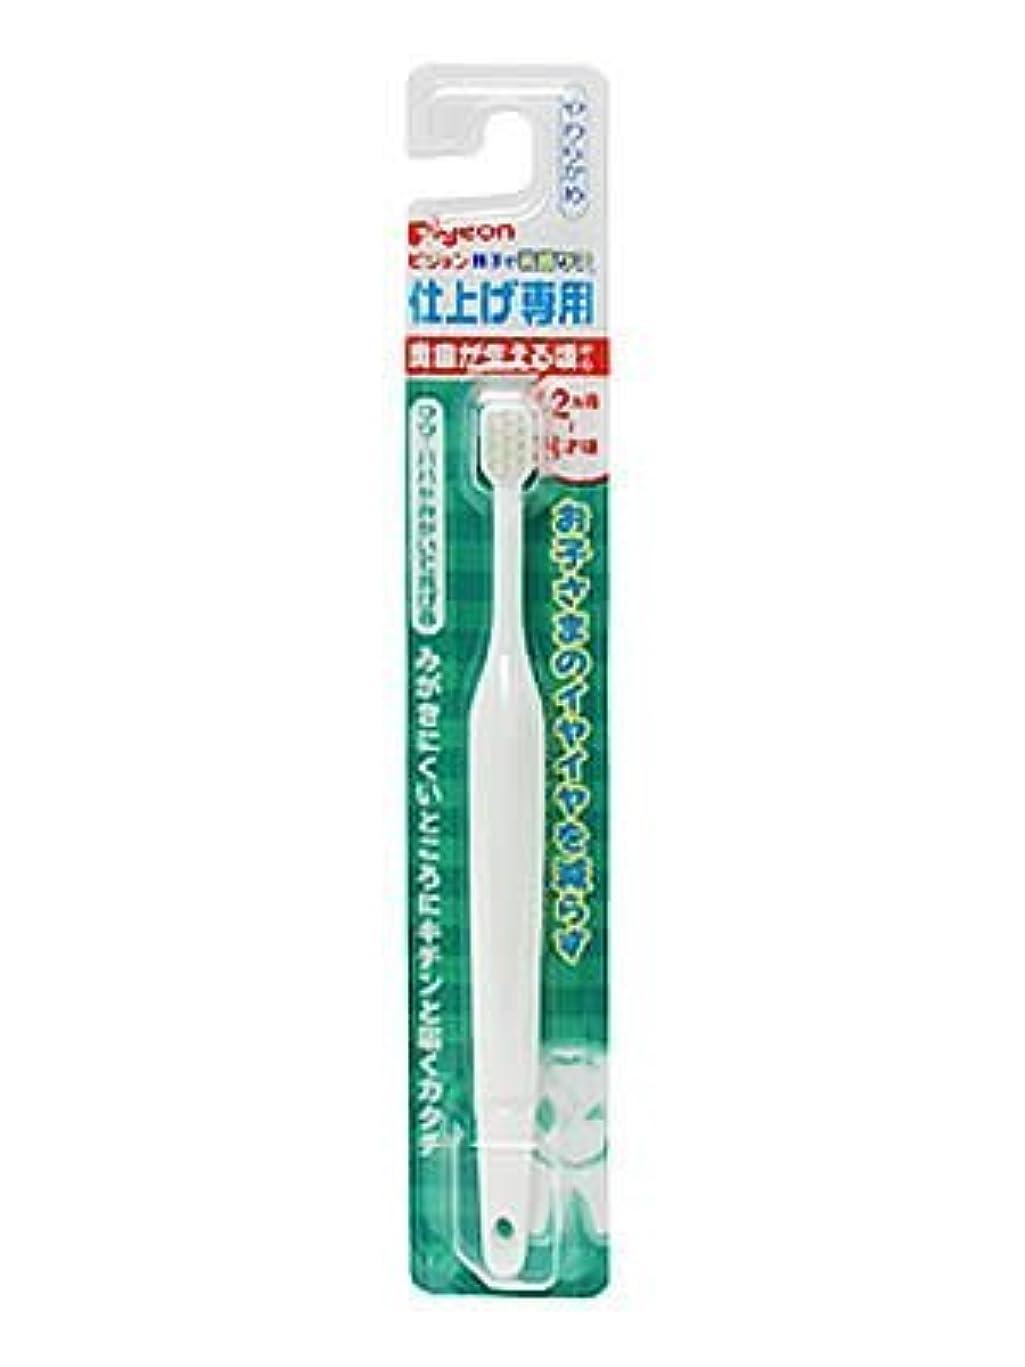 窓尾ファックス【まとめ買い】ピジョン 仕上げ専用歯ブラシ 奥歯が生える頃から ×3個